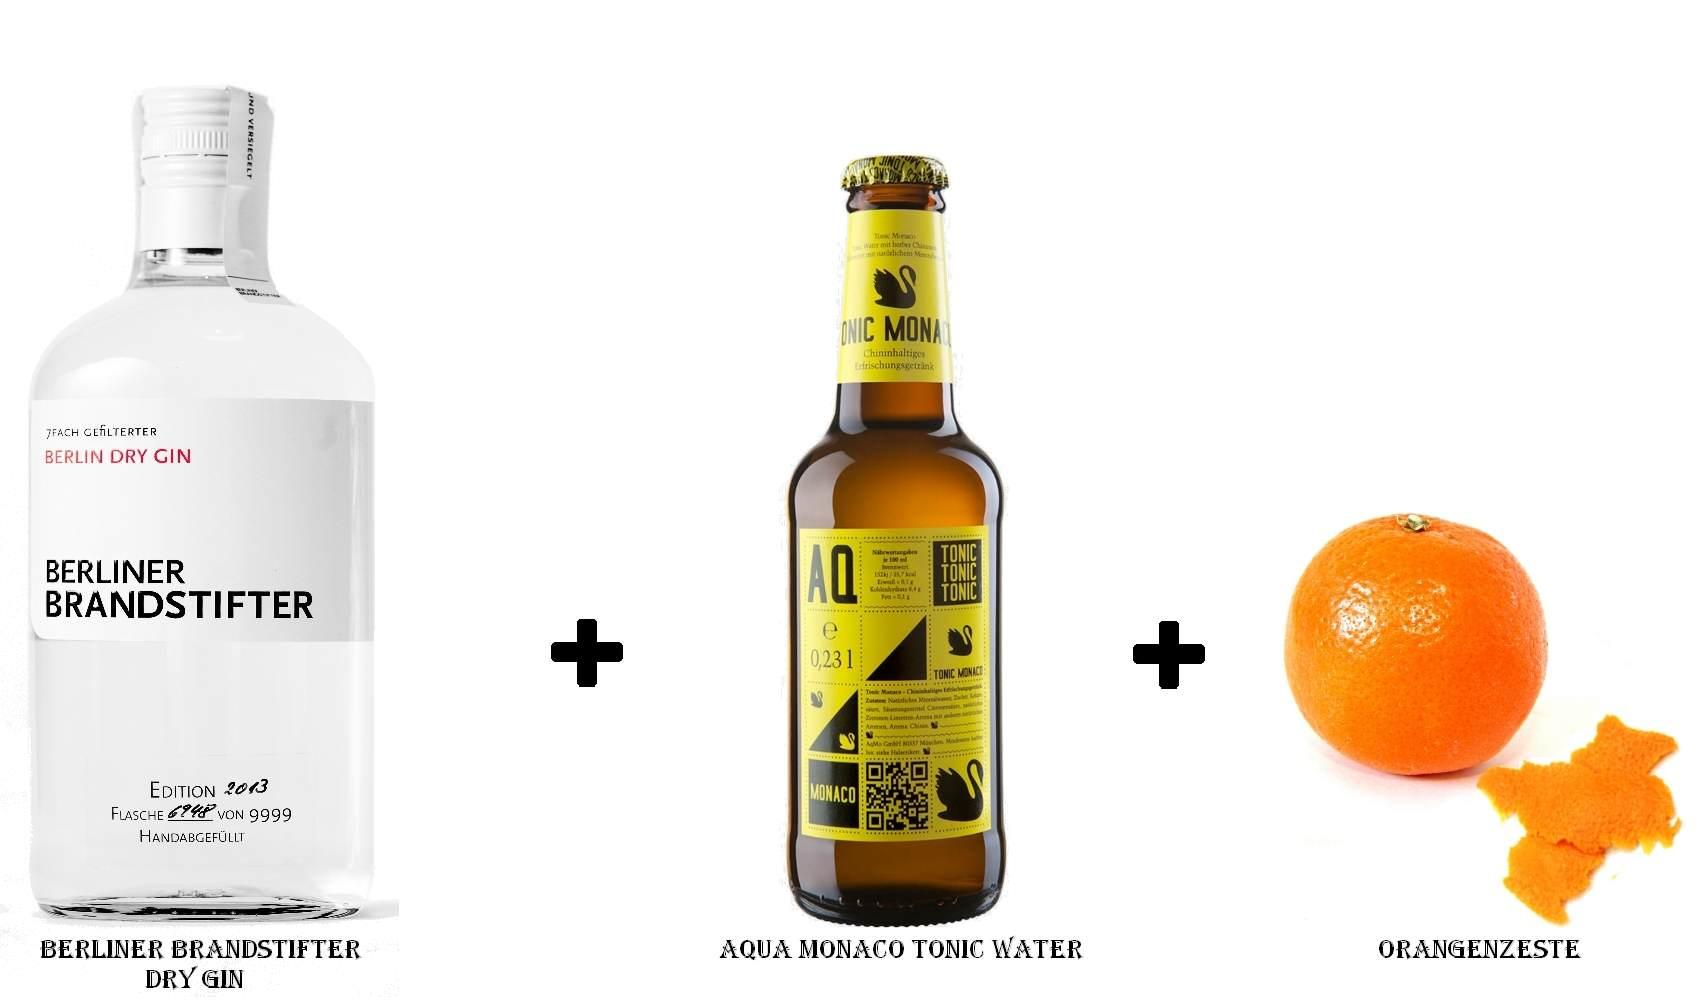 Berliner Brandstifter Dry Gin + Aqua Monaco Tonic Water + Orangenzeste